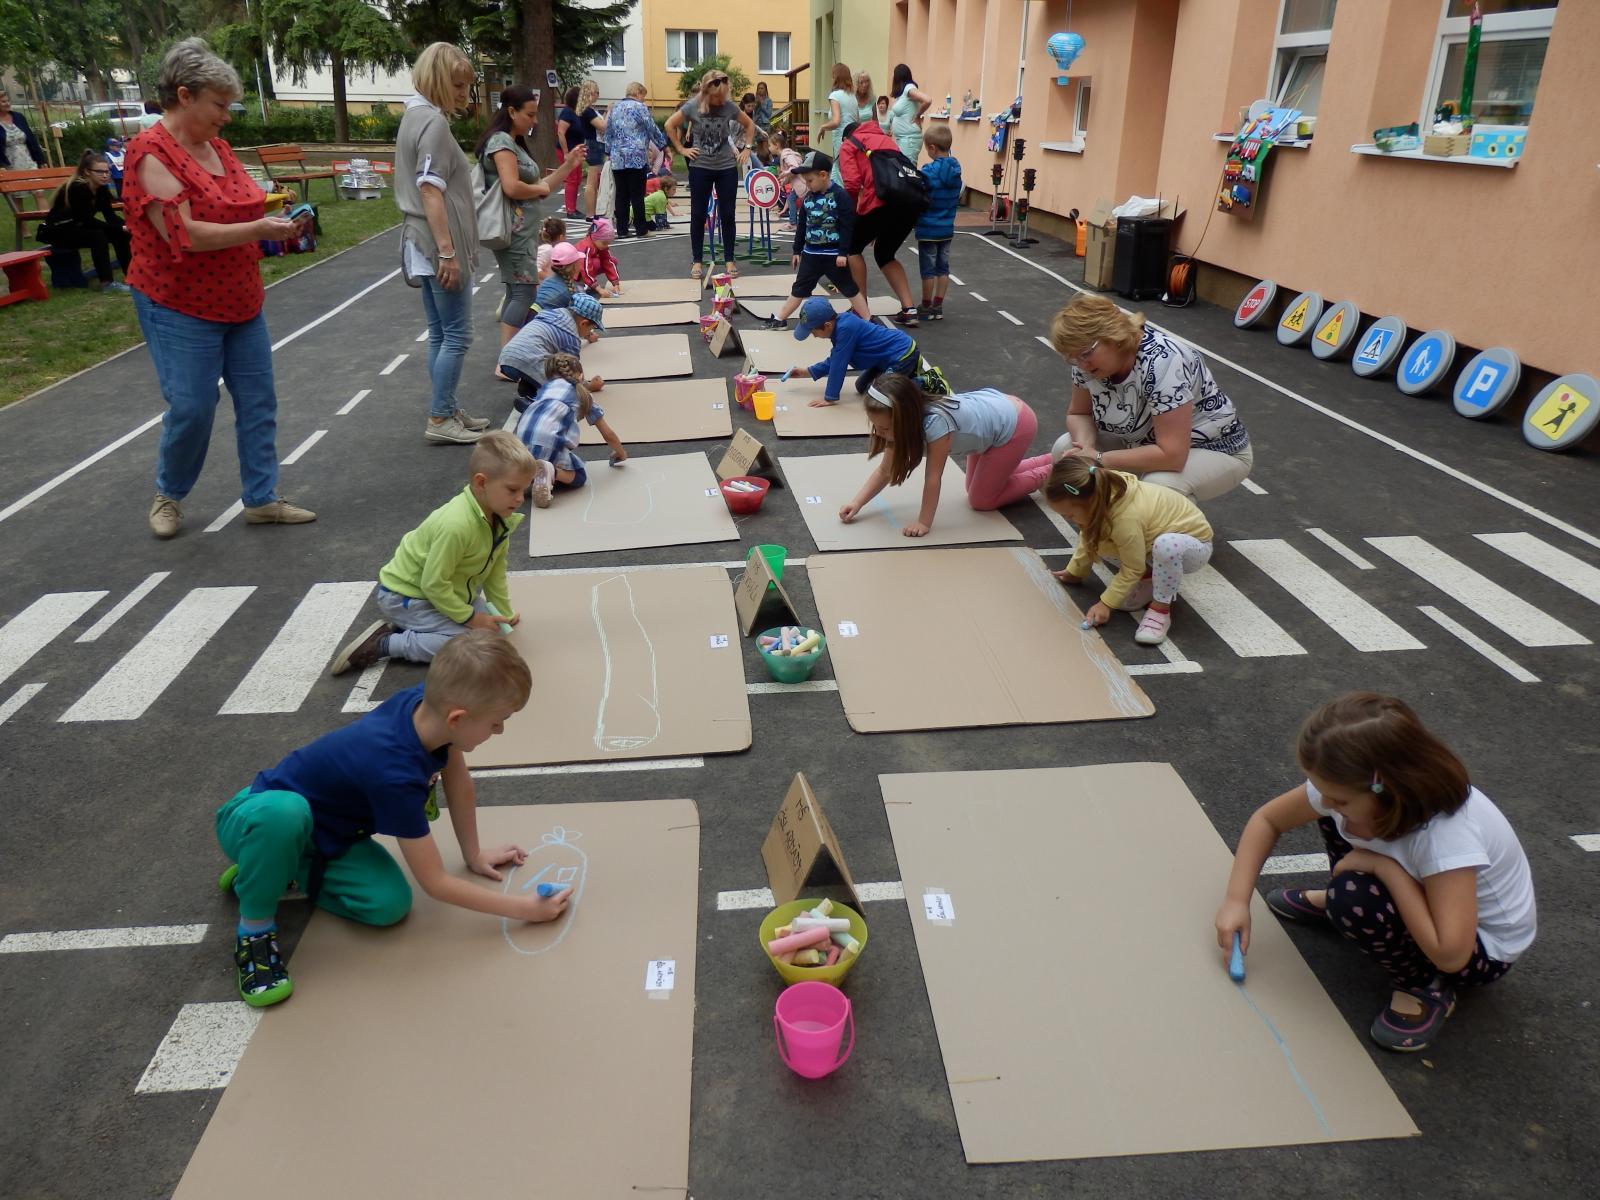 Prešovskí škôlkari sa vybrali do rozprávky 1d78d03d570